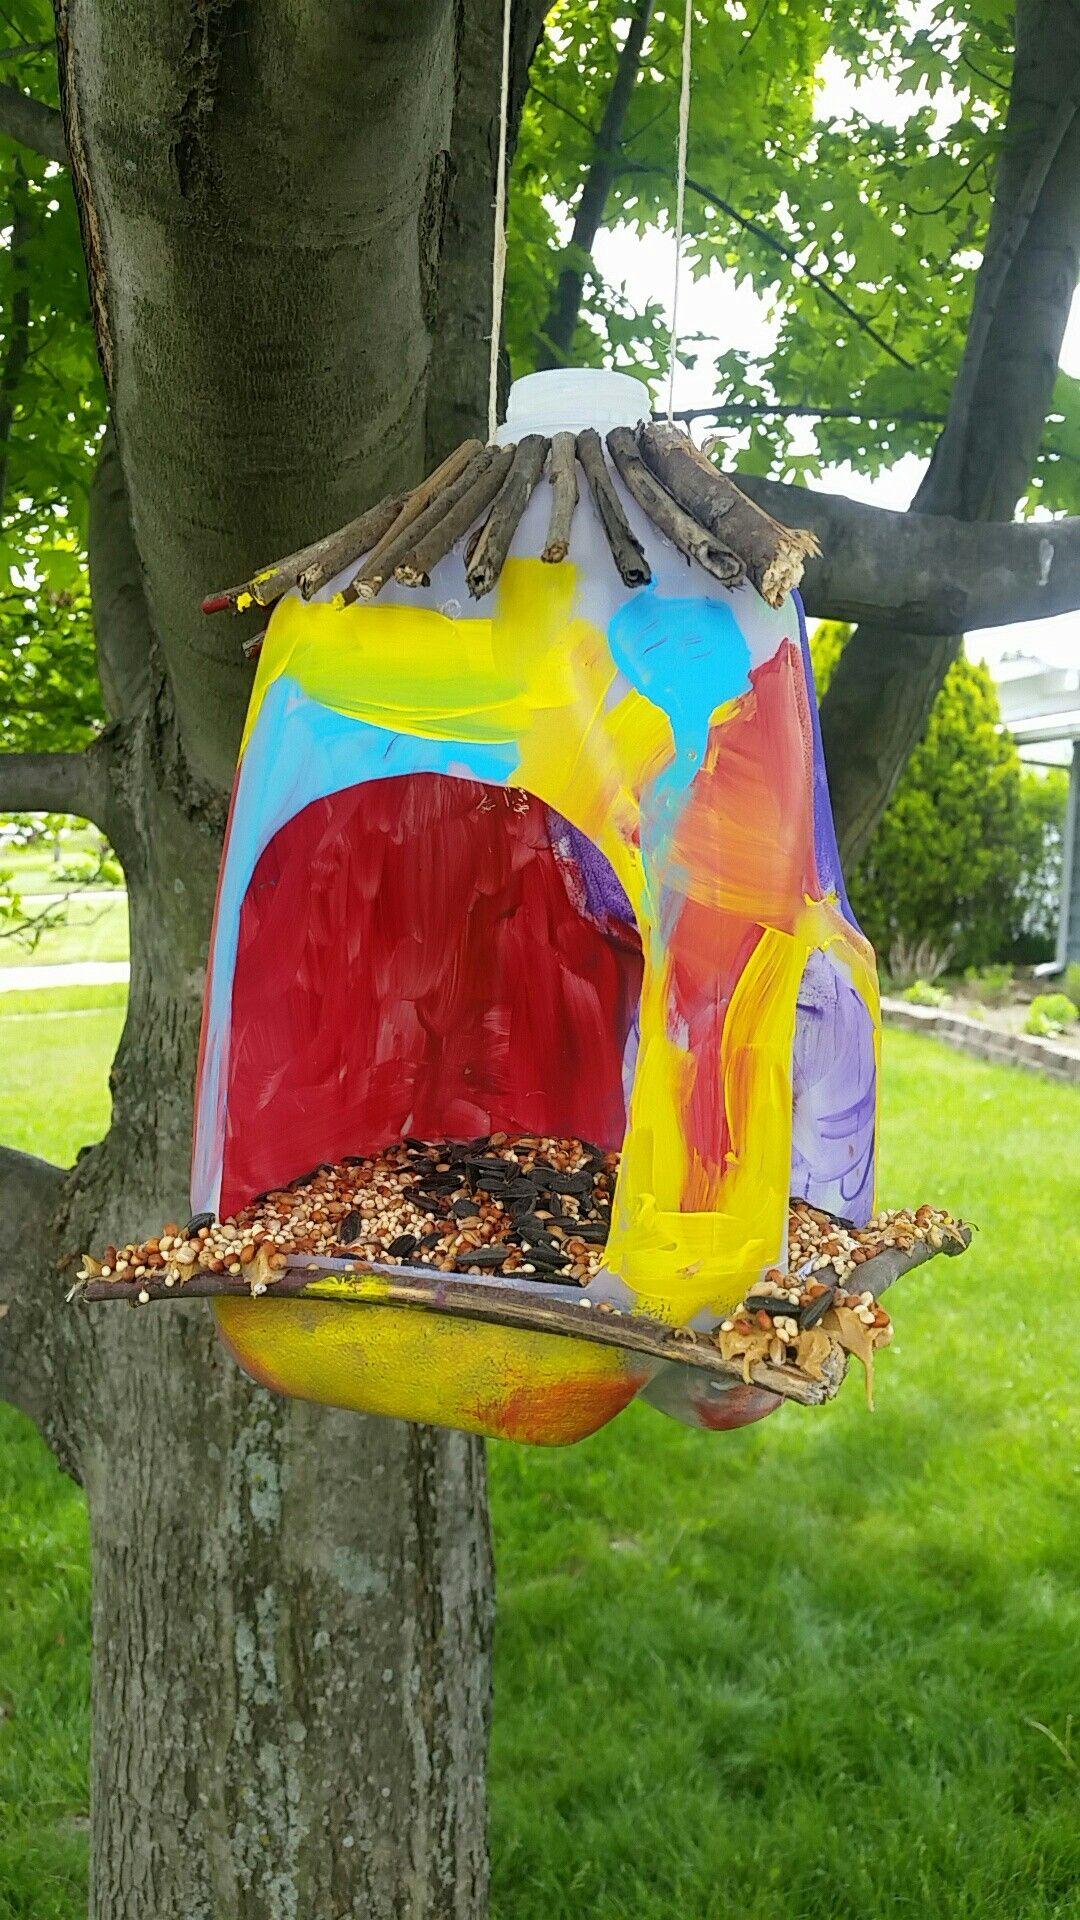 10 Awesome Green Activities for Kids   The ActivityHero Blog   Milk Gallon Bird Feeder